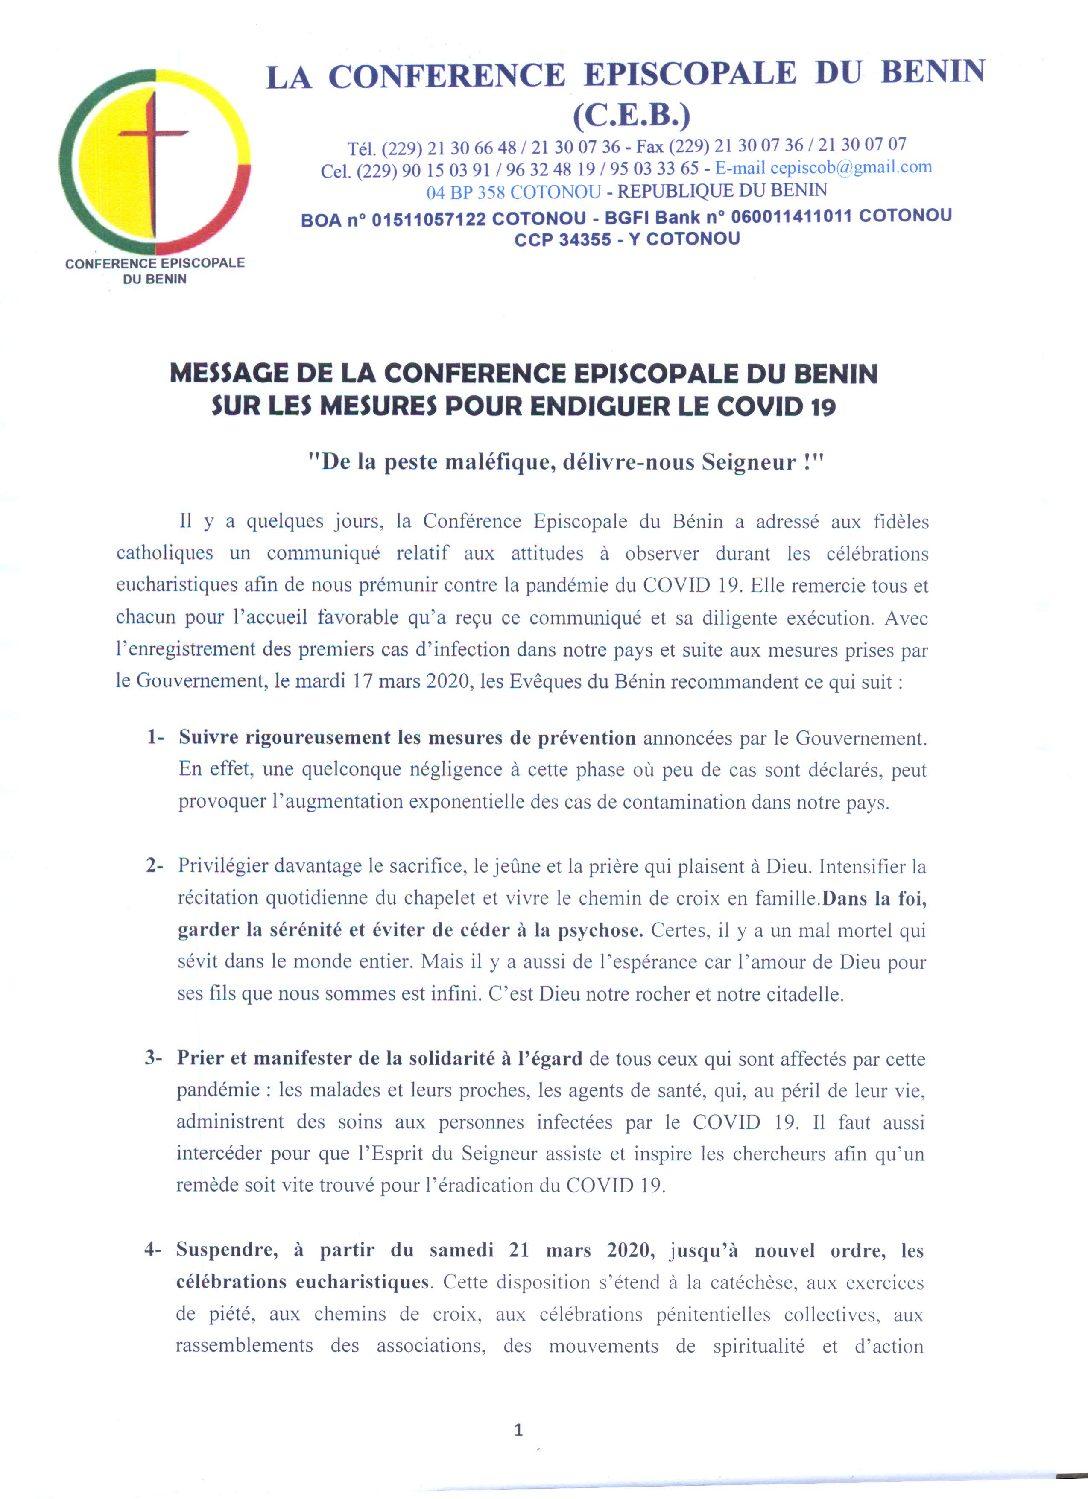 Coronavirus: La conférence épiscopale du Bénin suspend les célébrations eucharistiques à partir du 21 mars jusqu'à nouvel ordre